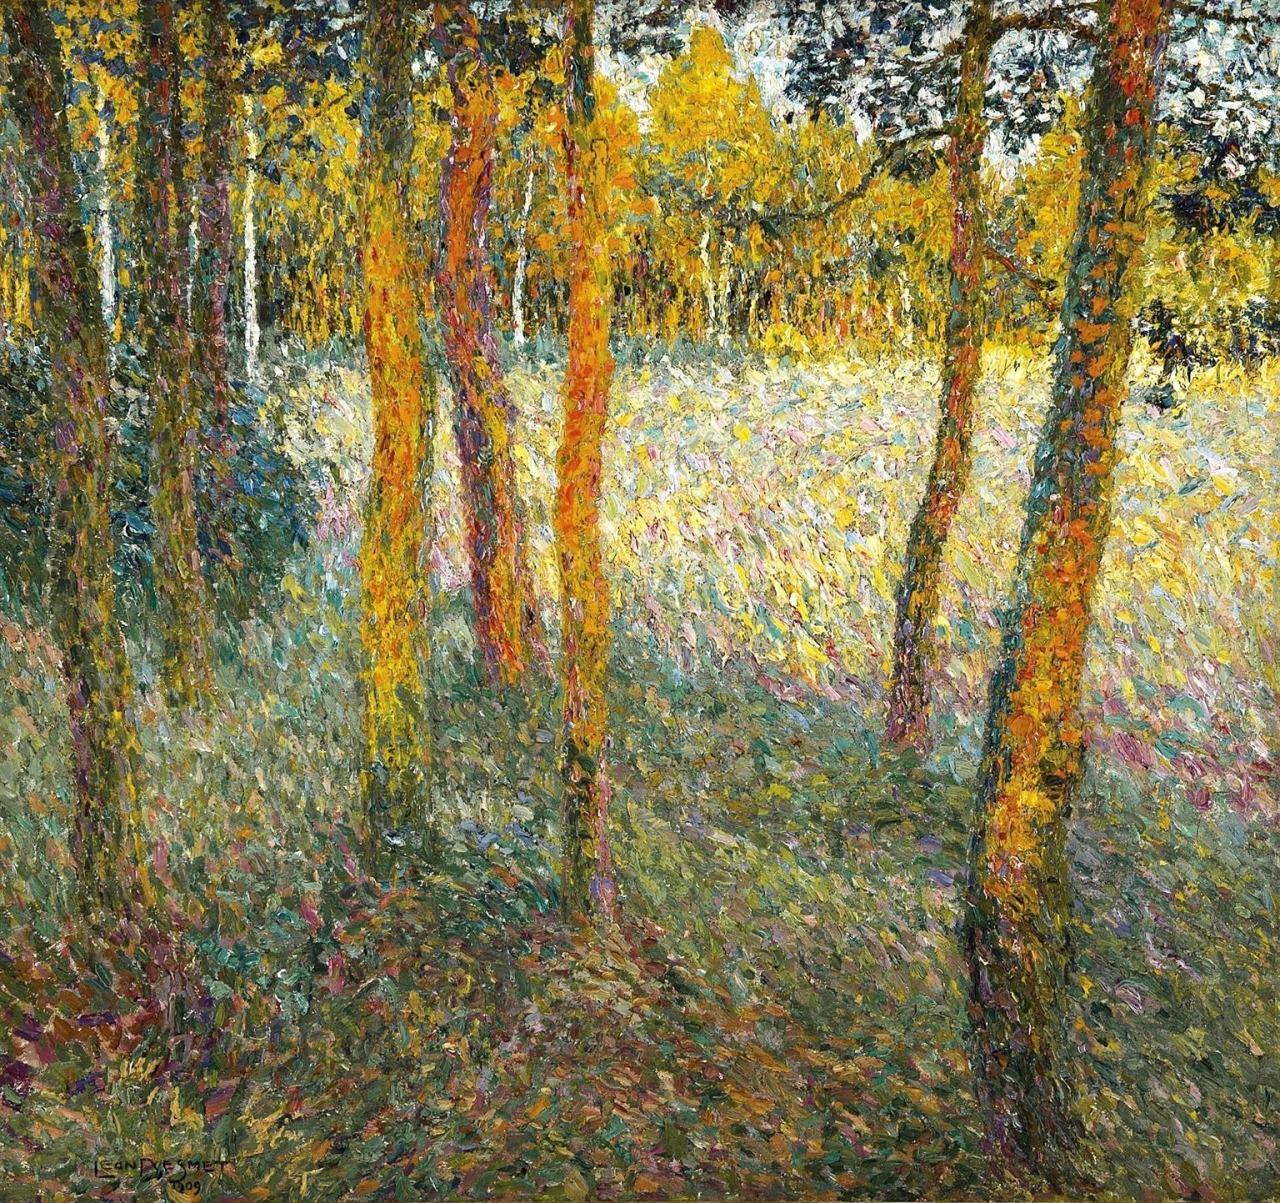 """thunderstruck9:"""" Léon De Smet (Belgian, 1881-1966), Aan de rand van het bos [At the edge of the forest], 1909. Canvas, 75 x 80 cm."""""""